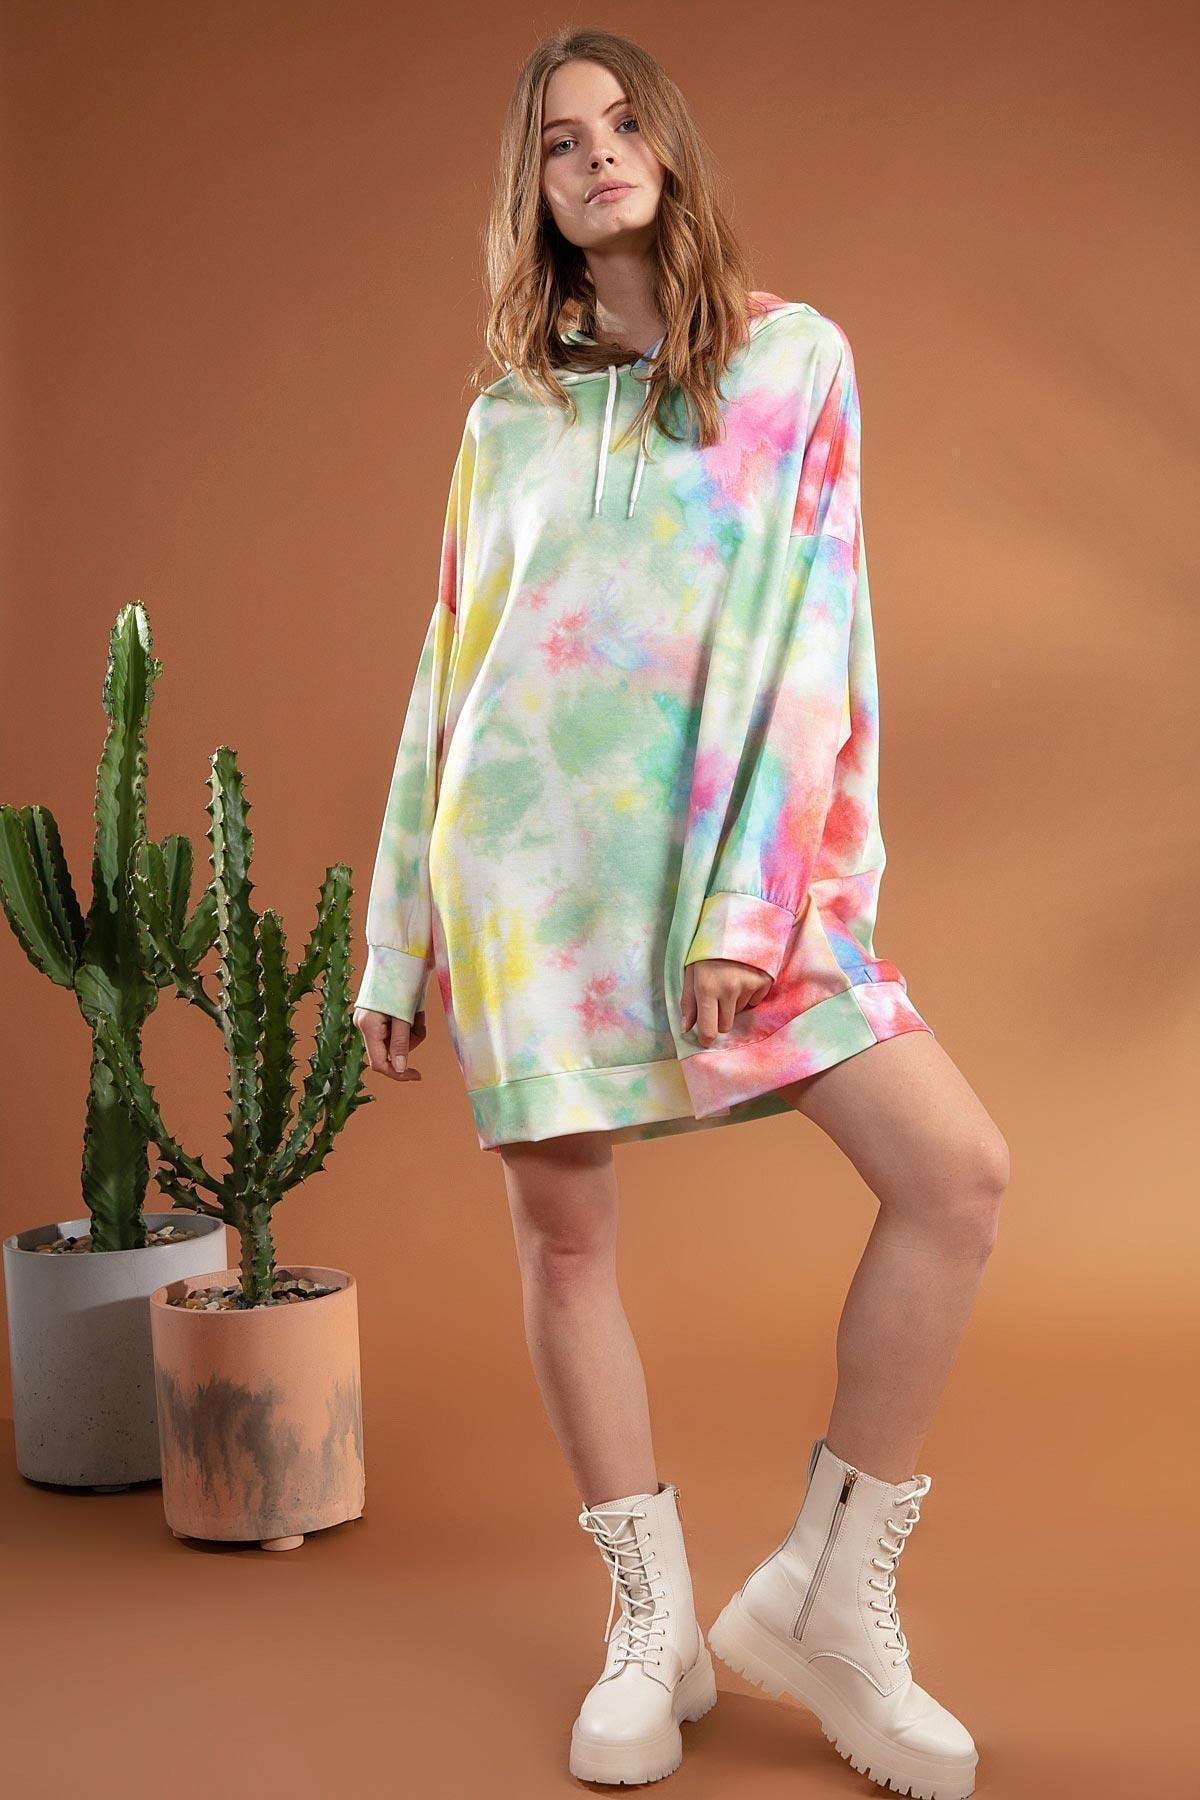 Kadın Batik Desenli Kapşonlu Oversize Sweatshirt Y20w110-4125-1